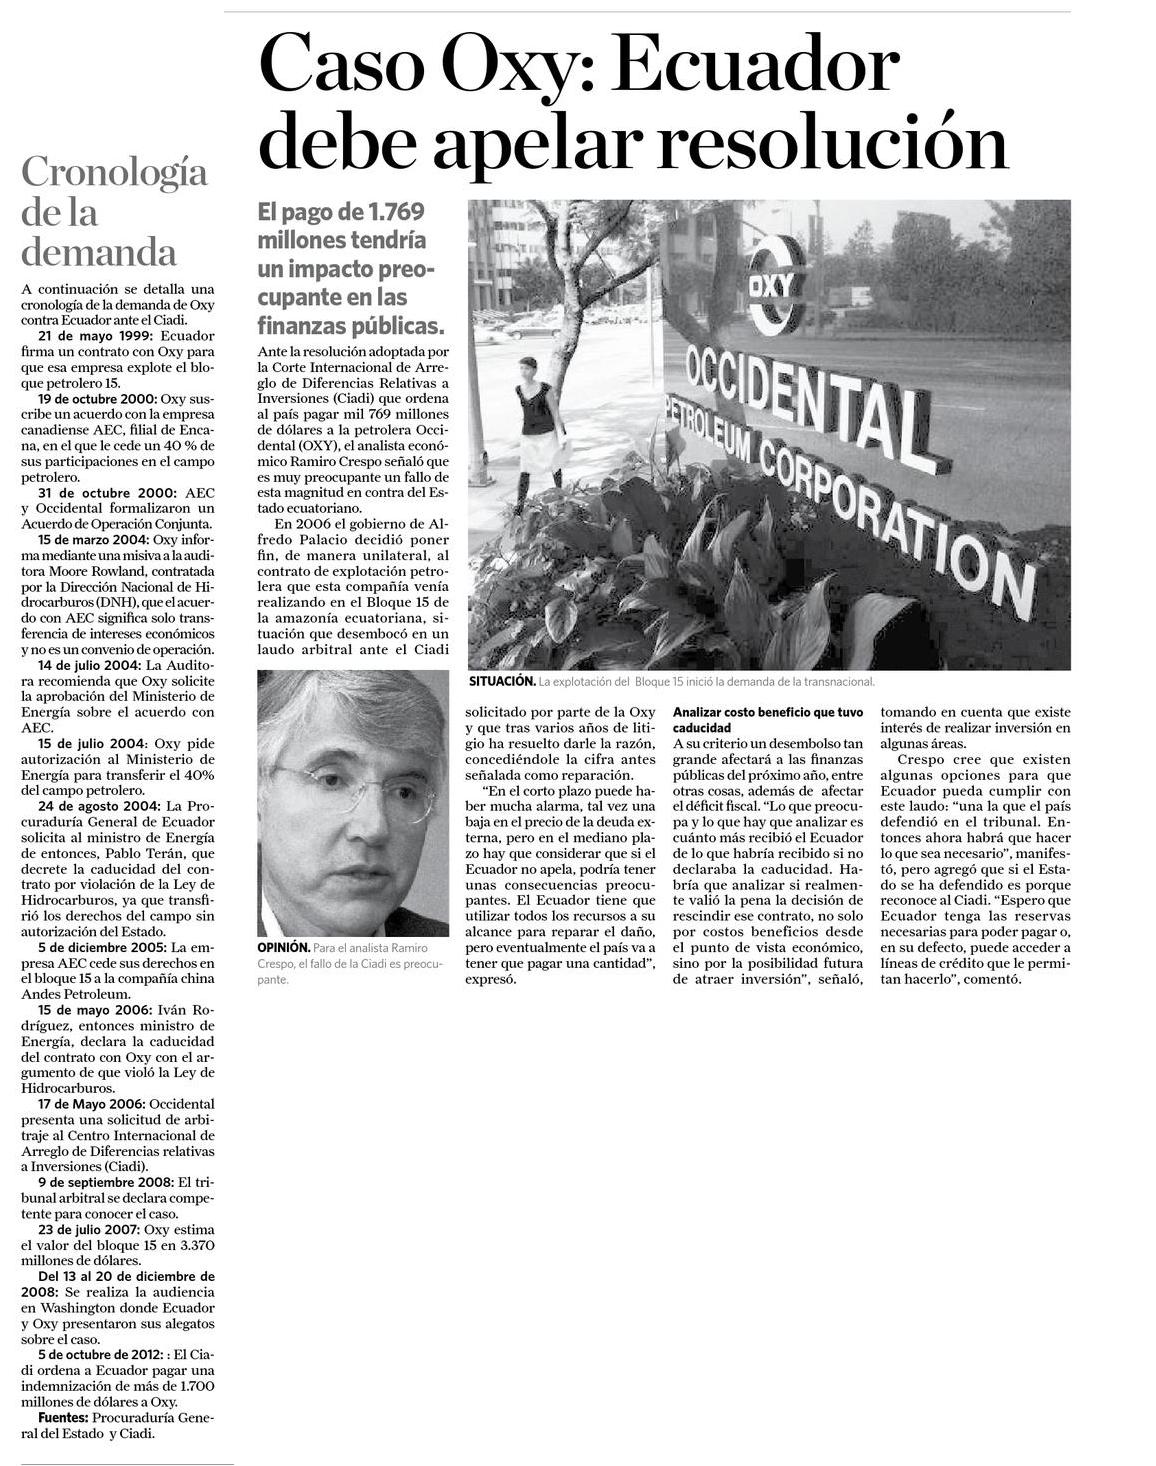 81-La Hora, Caso Oxy, Ecuador debe apelar resolucion 07 10